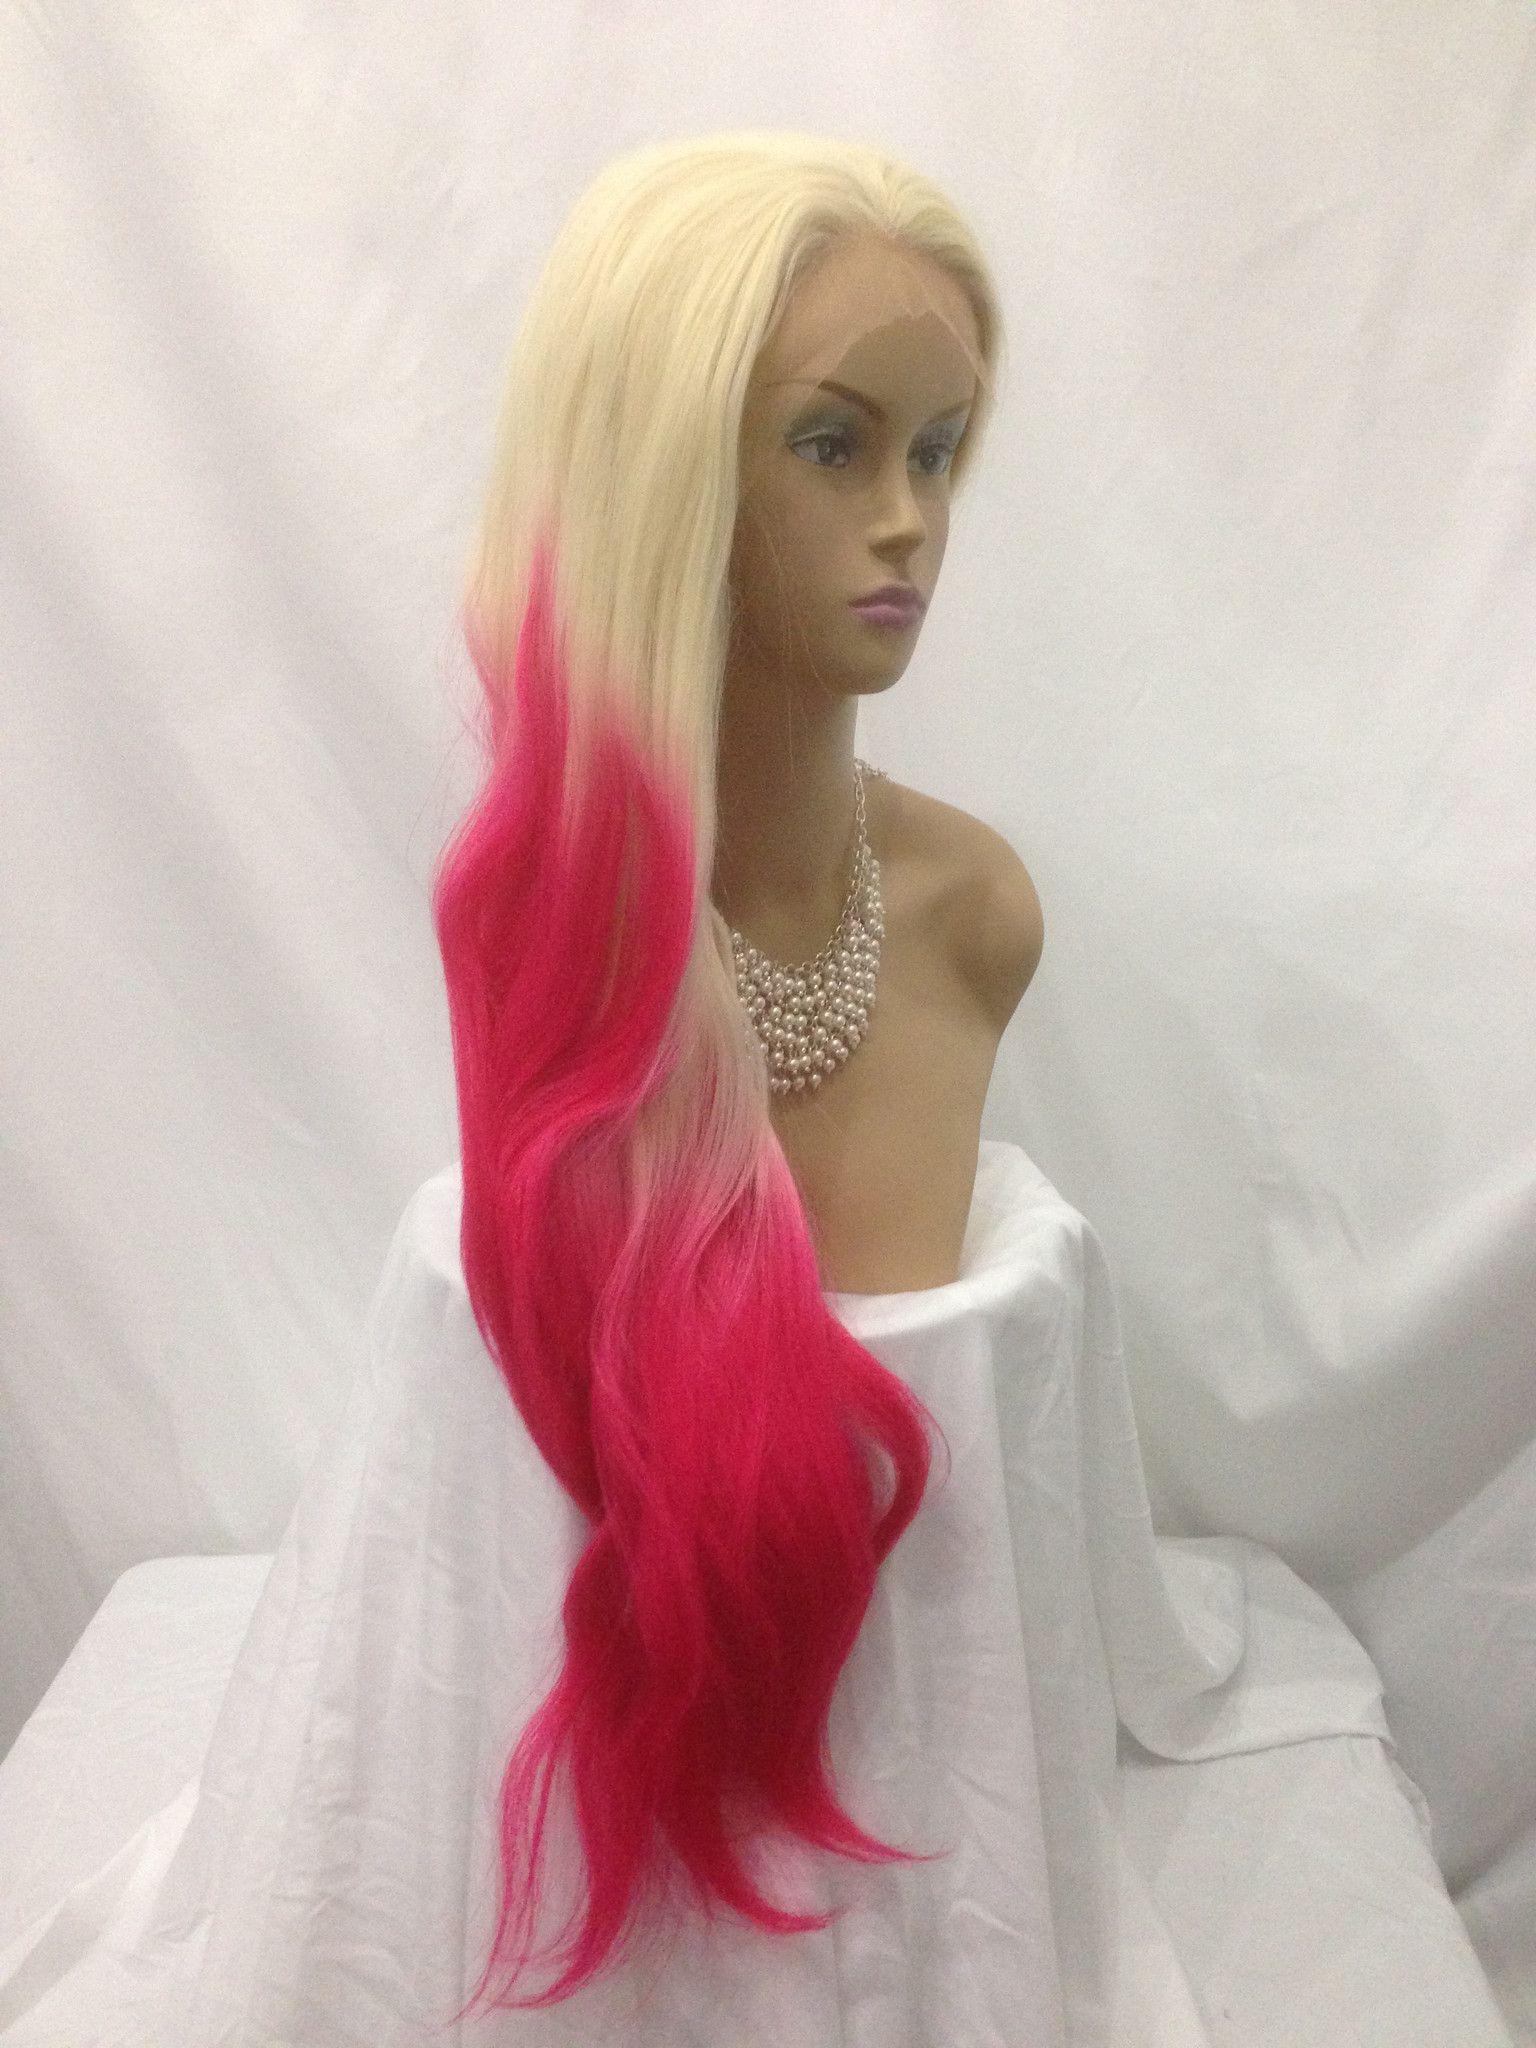 Miss pinky bobbiepinz lace front wigs wigs wig styles